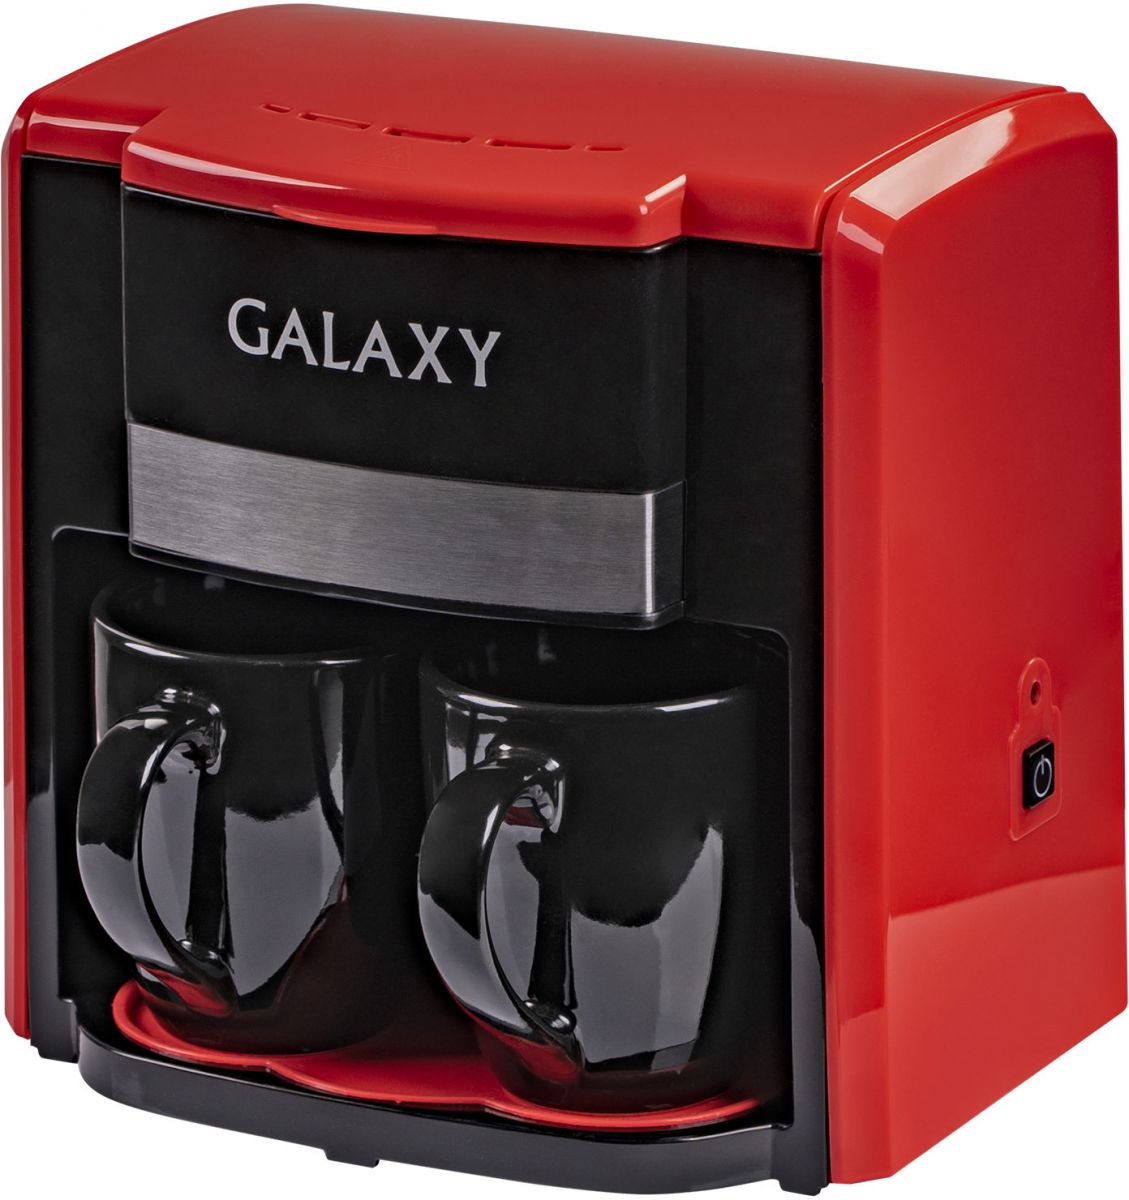 Galaxy GL 0708 Red